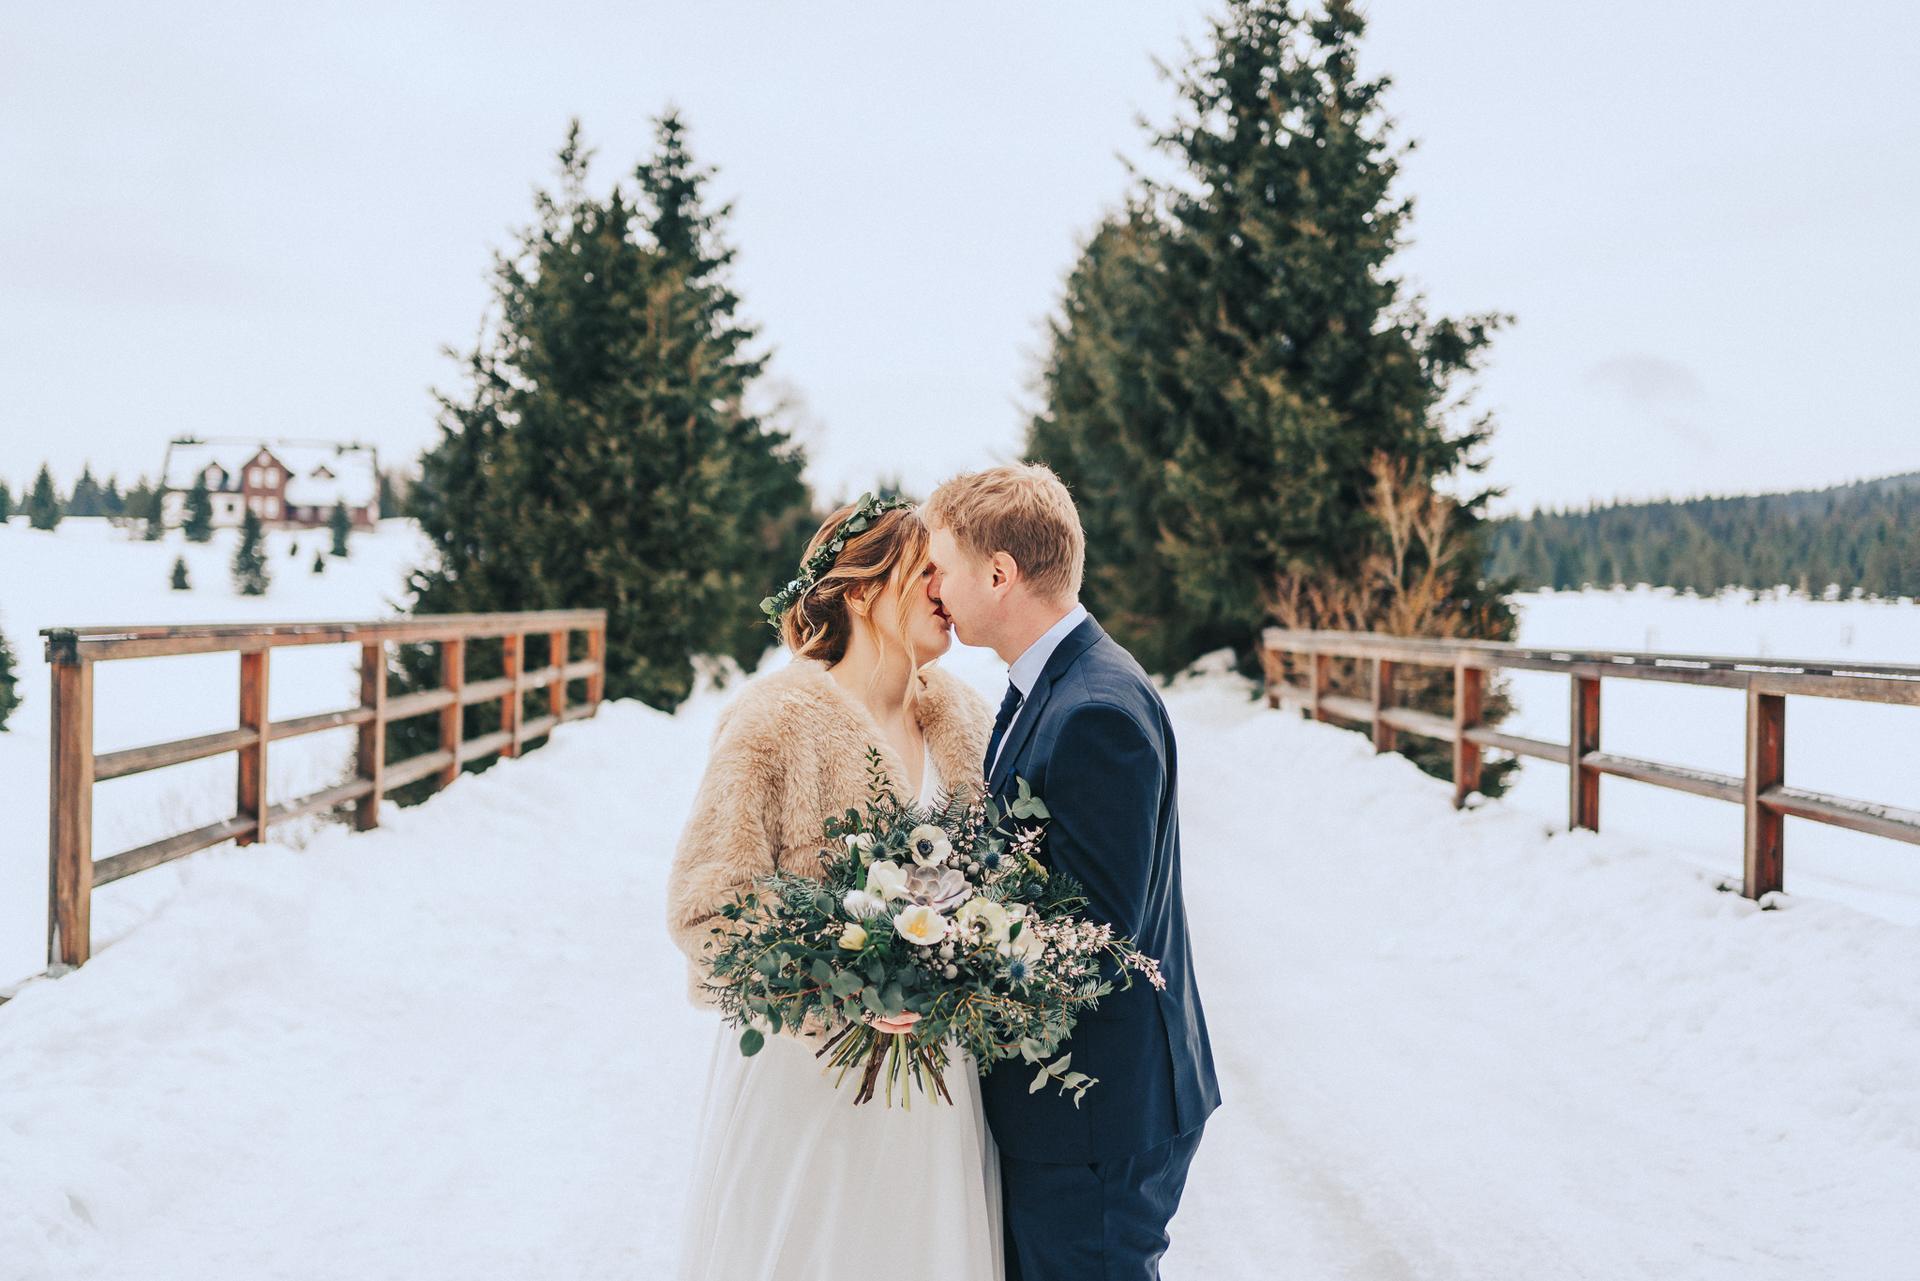 Kolik tady máme nevěst, co plánují svatbu na zimu? Vkládám příklady z mých zimních květinových realizací. Mají opravdu své kouzlo a výhody pro organizaci! Pokud byste potřebovaly květiny ještě na tento rok, napište, termíny mám. Otevřená je rezervace i na rok 2022. - Obrázek č. 2